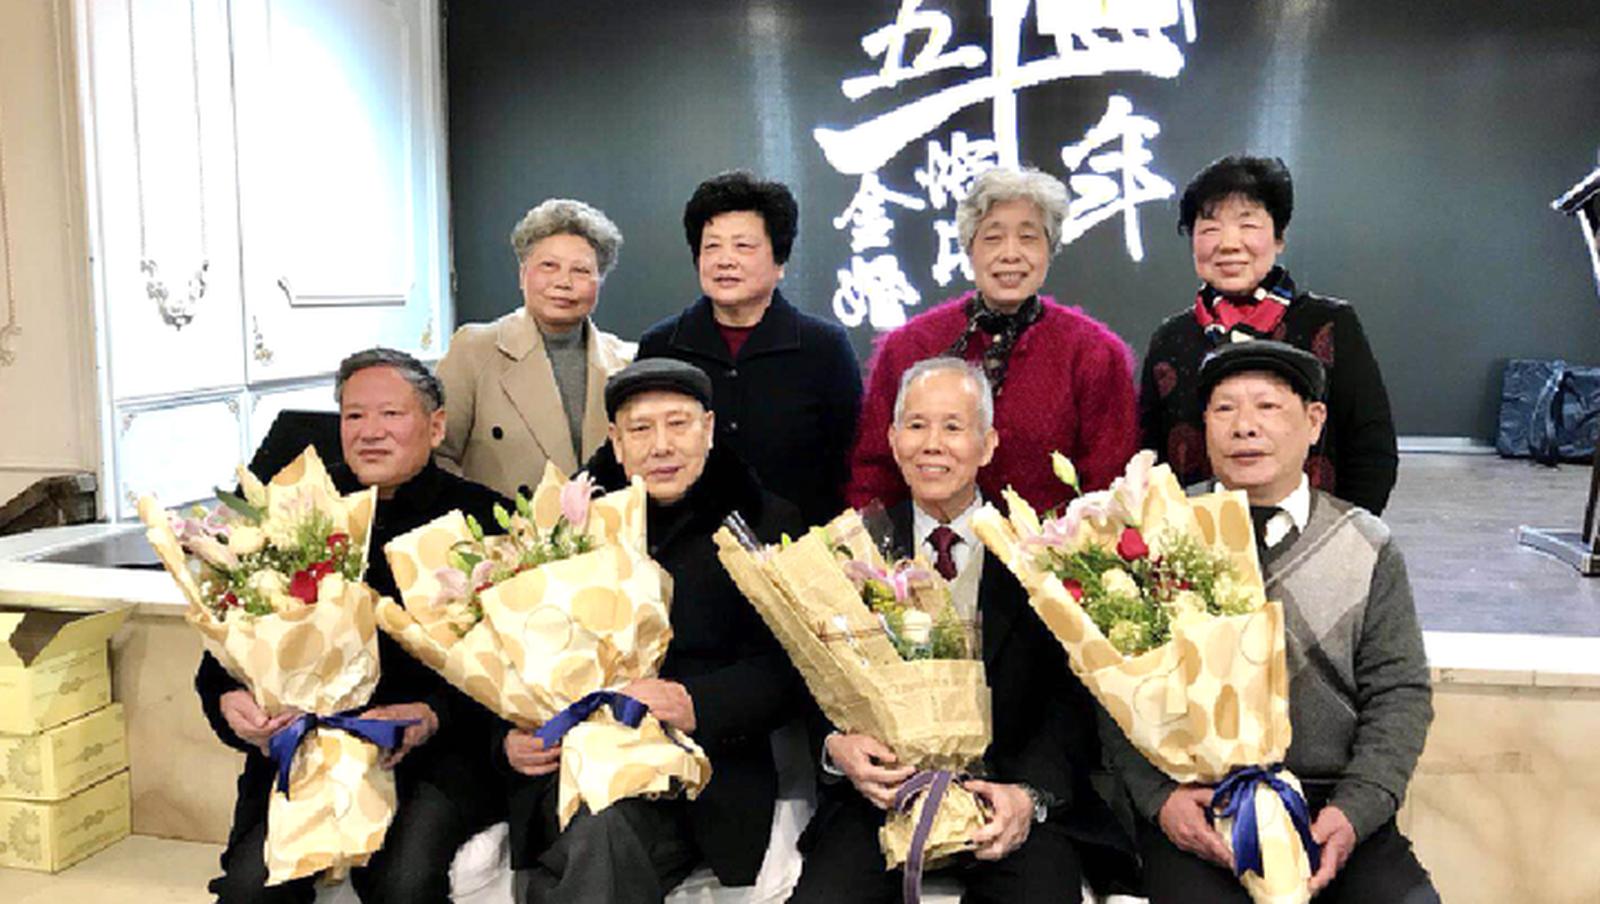 姚家四兄妹攜手伴侶舉辦金婚慶典活動。(取材自浙江新聞)